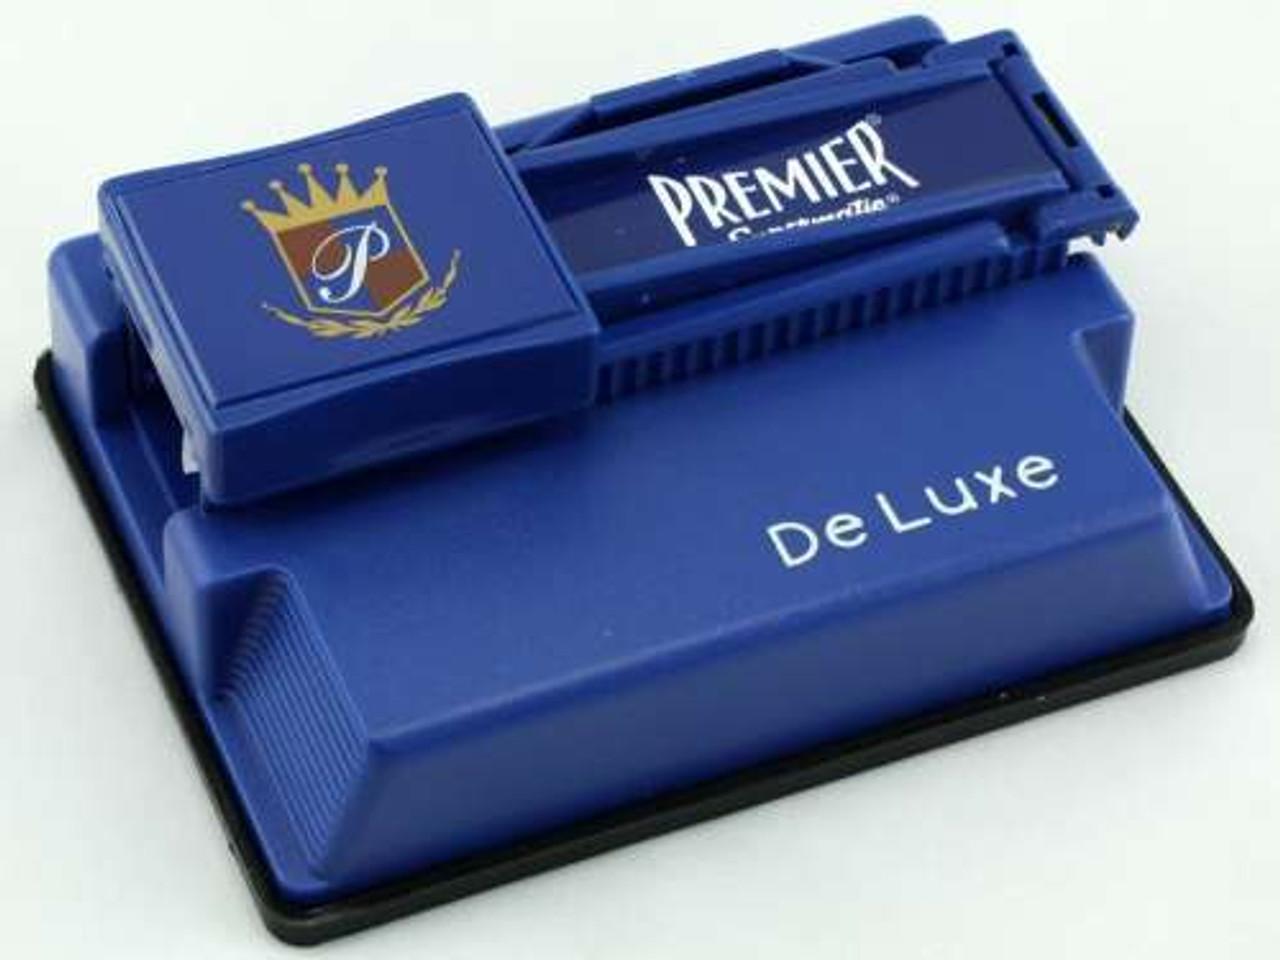 Premier Deluxe Cigarette Injector Machine